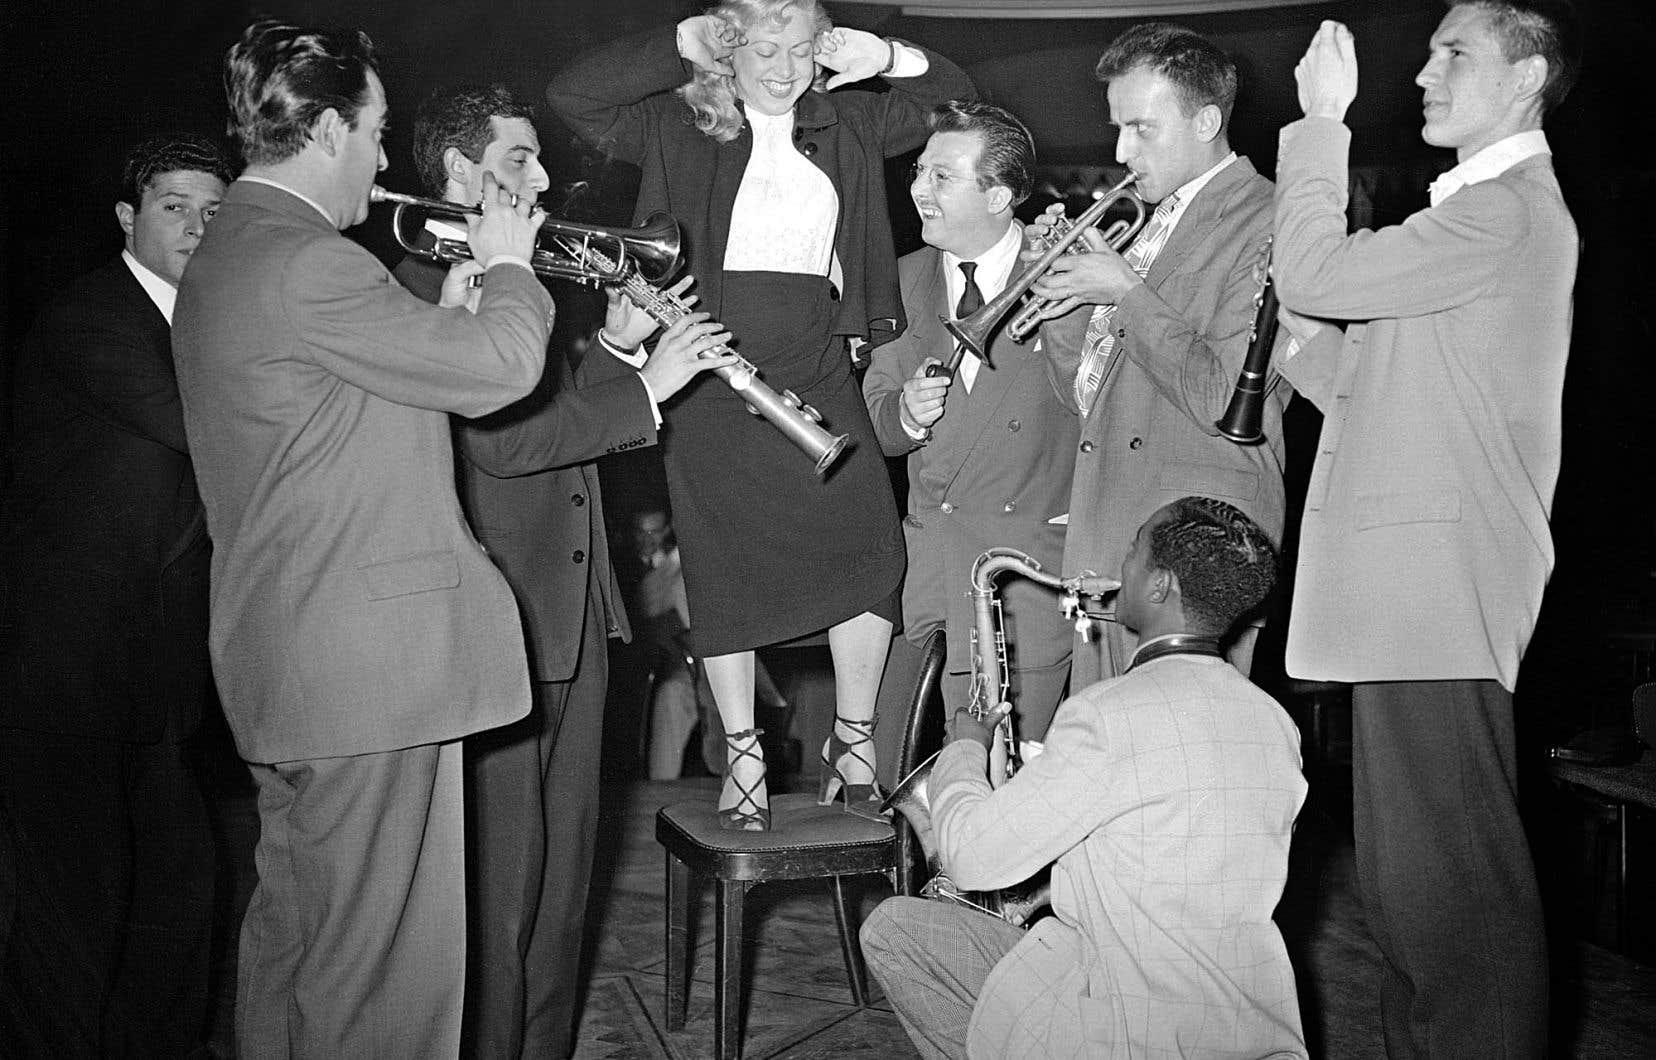 Les musiciens Don Byas (à genoux), Claude Luter, Boris Vian, Aimé Barelli et Jacques Diéval (de droite à gauche), autour de Michelle Vian, répètent au Lido de Paris le 4mai 1948 avant l'ouverture du Festival international de jazz.